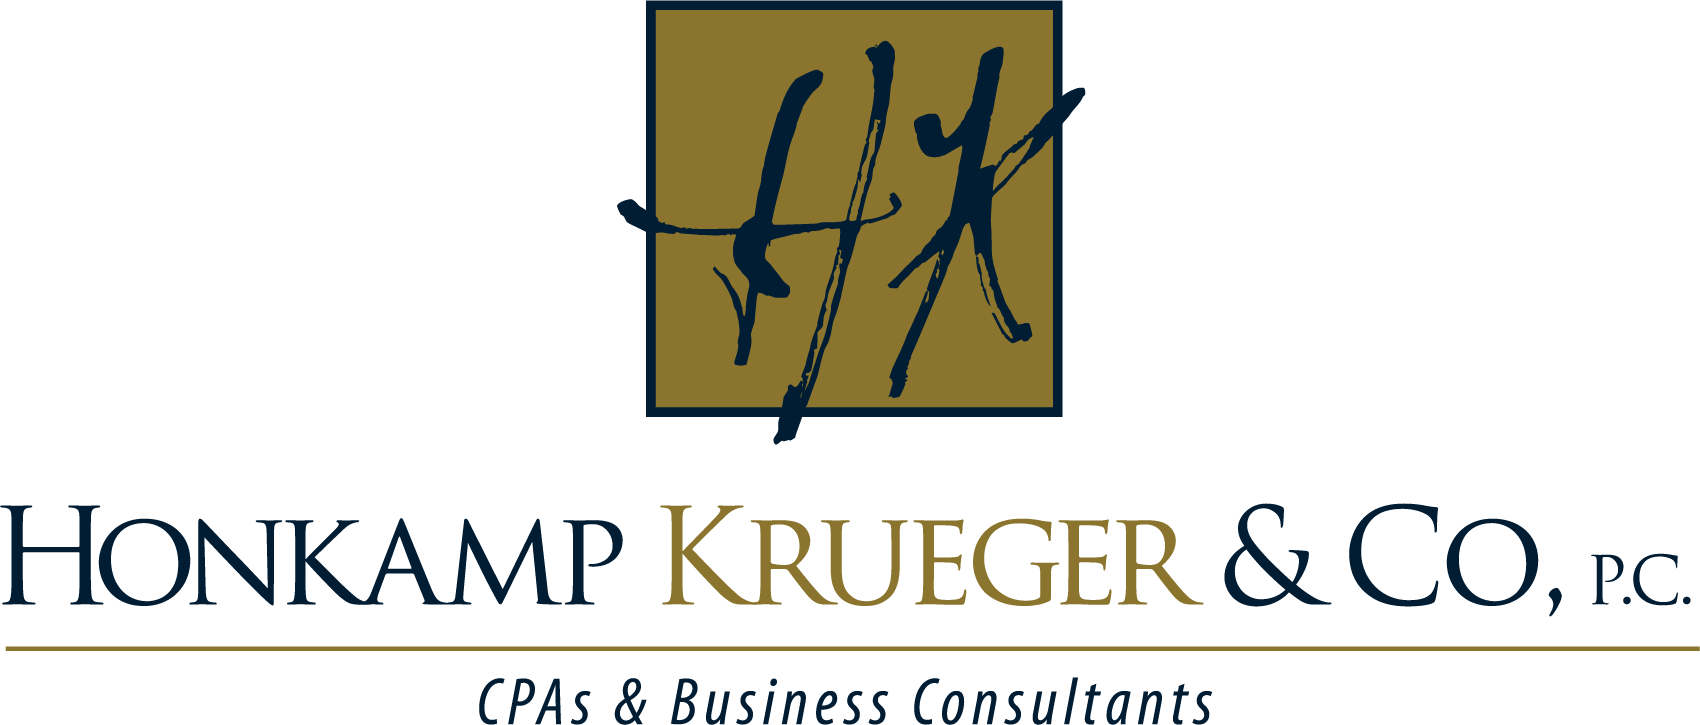 Honkamp Krueger & Co, P.C. logo